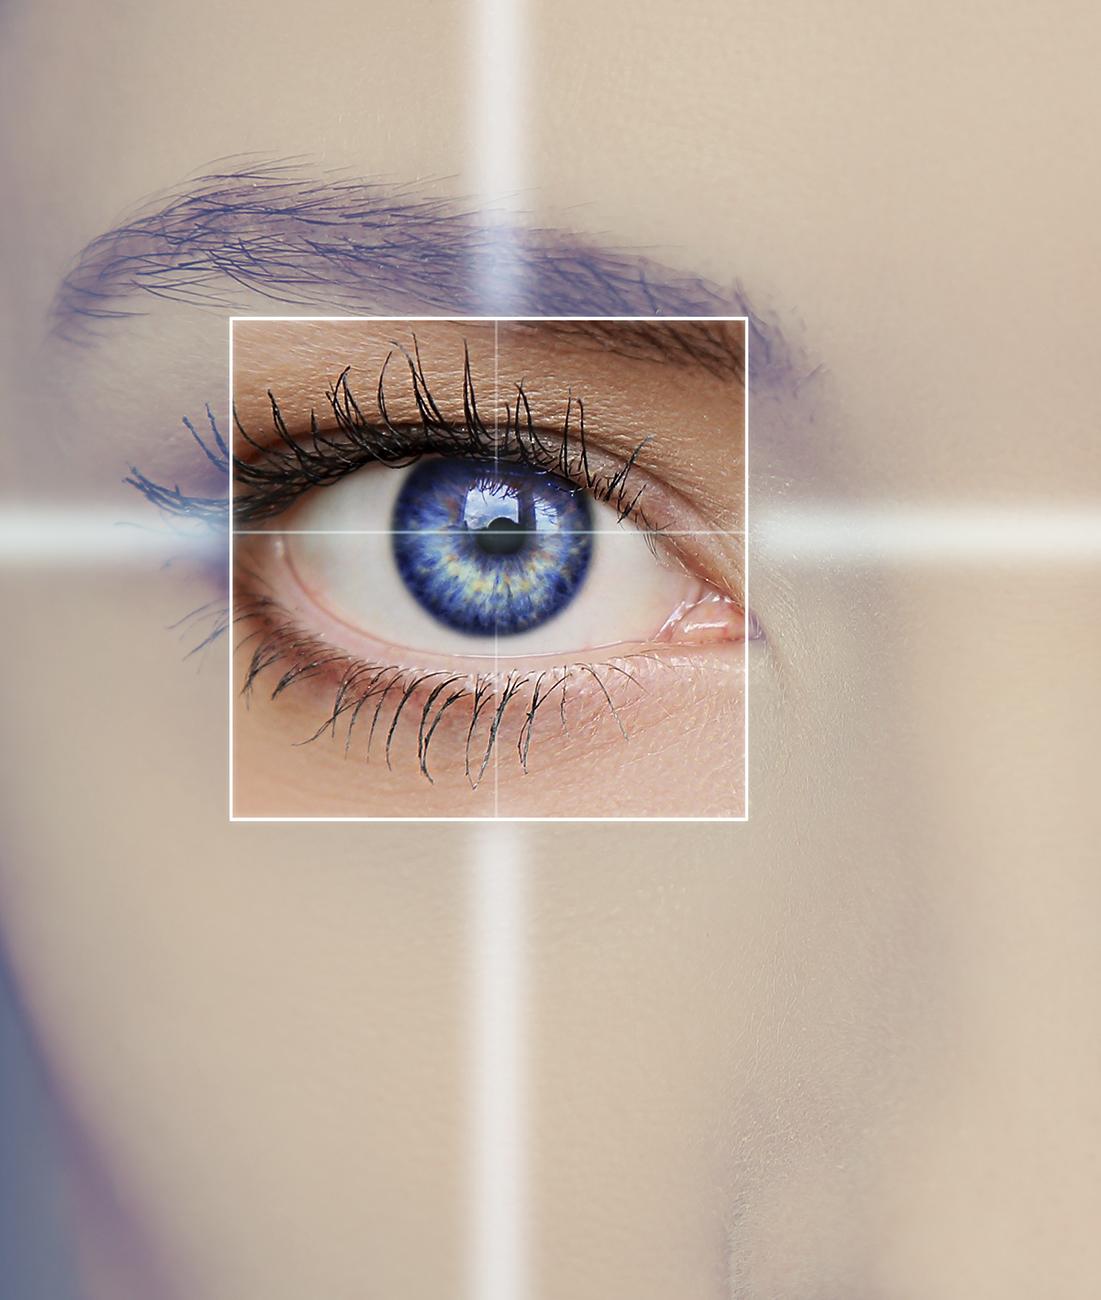 I Servizi di Oftalmica Iris - Protesi oculari Genova